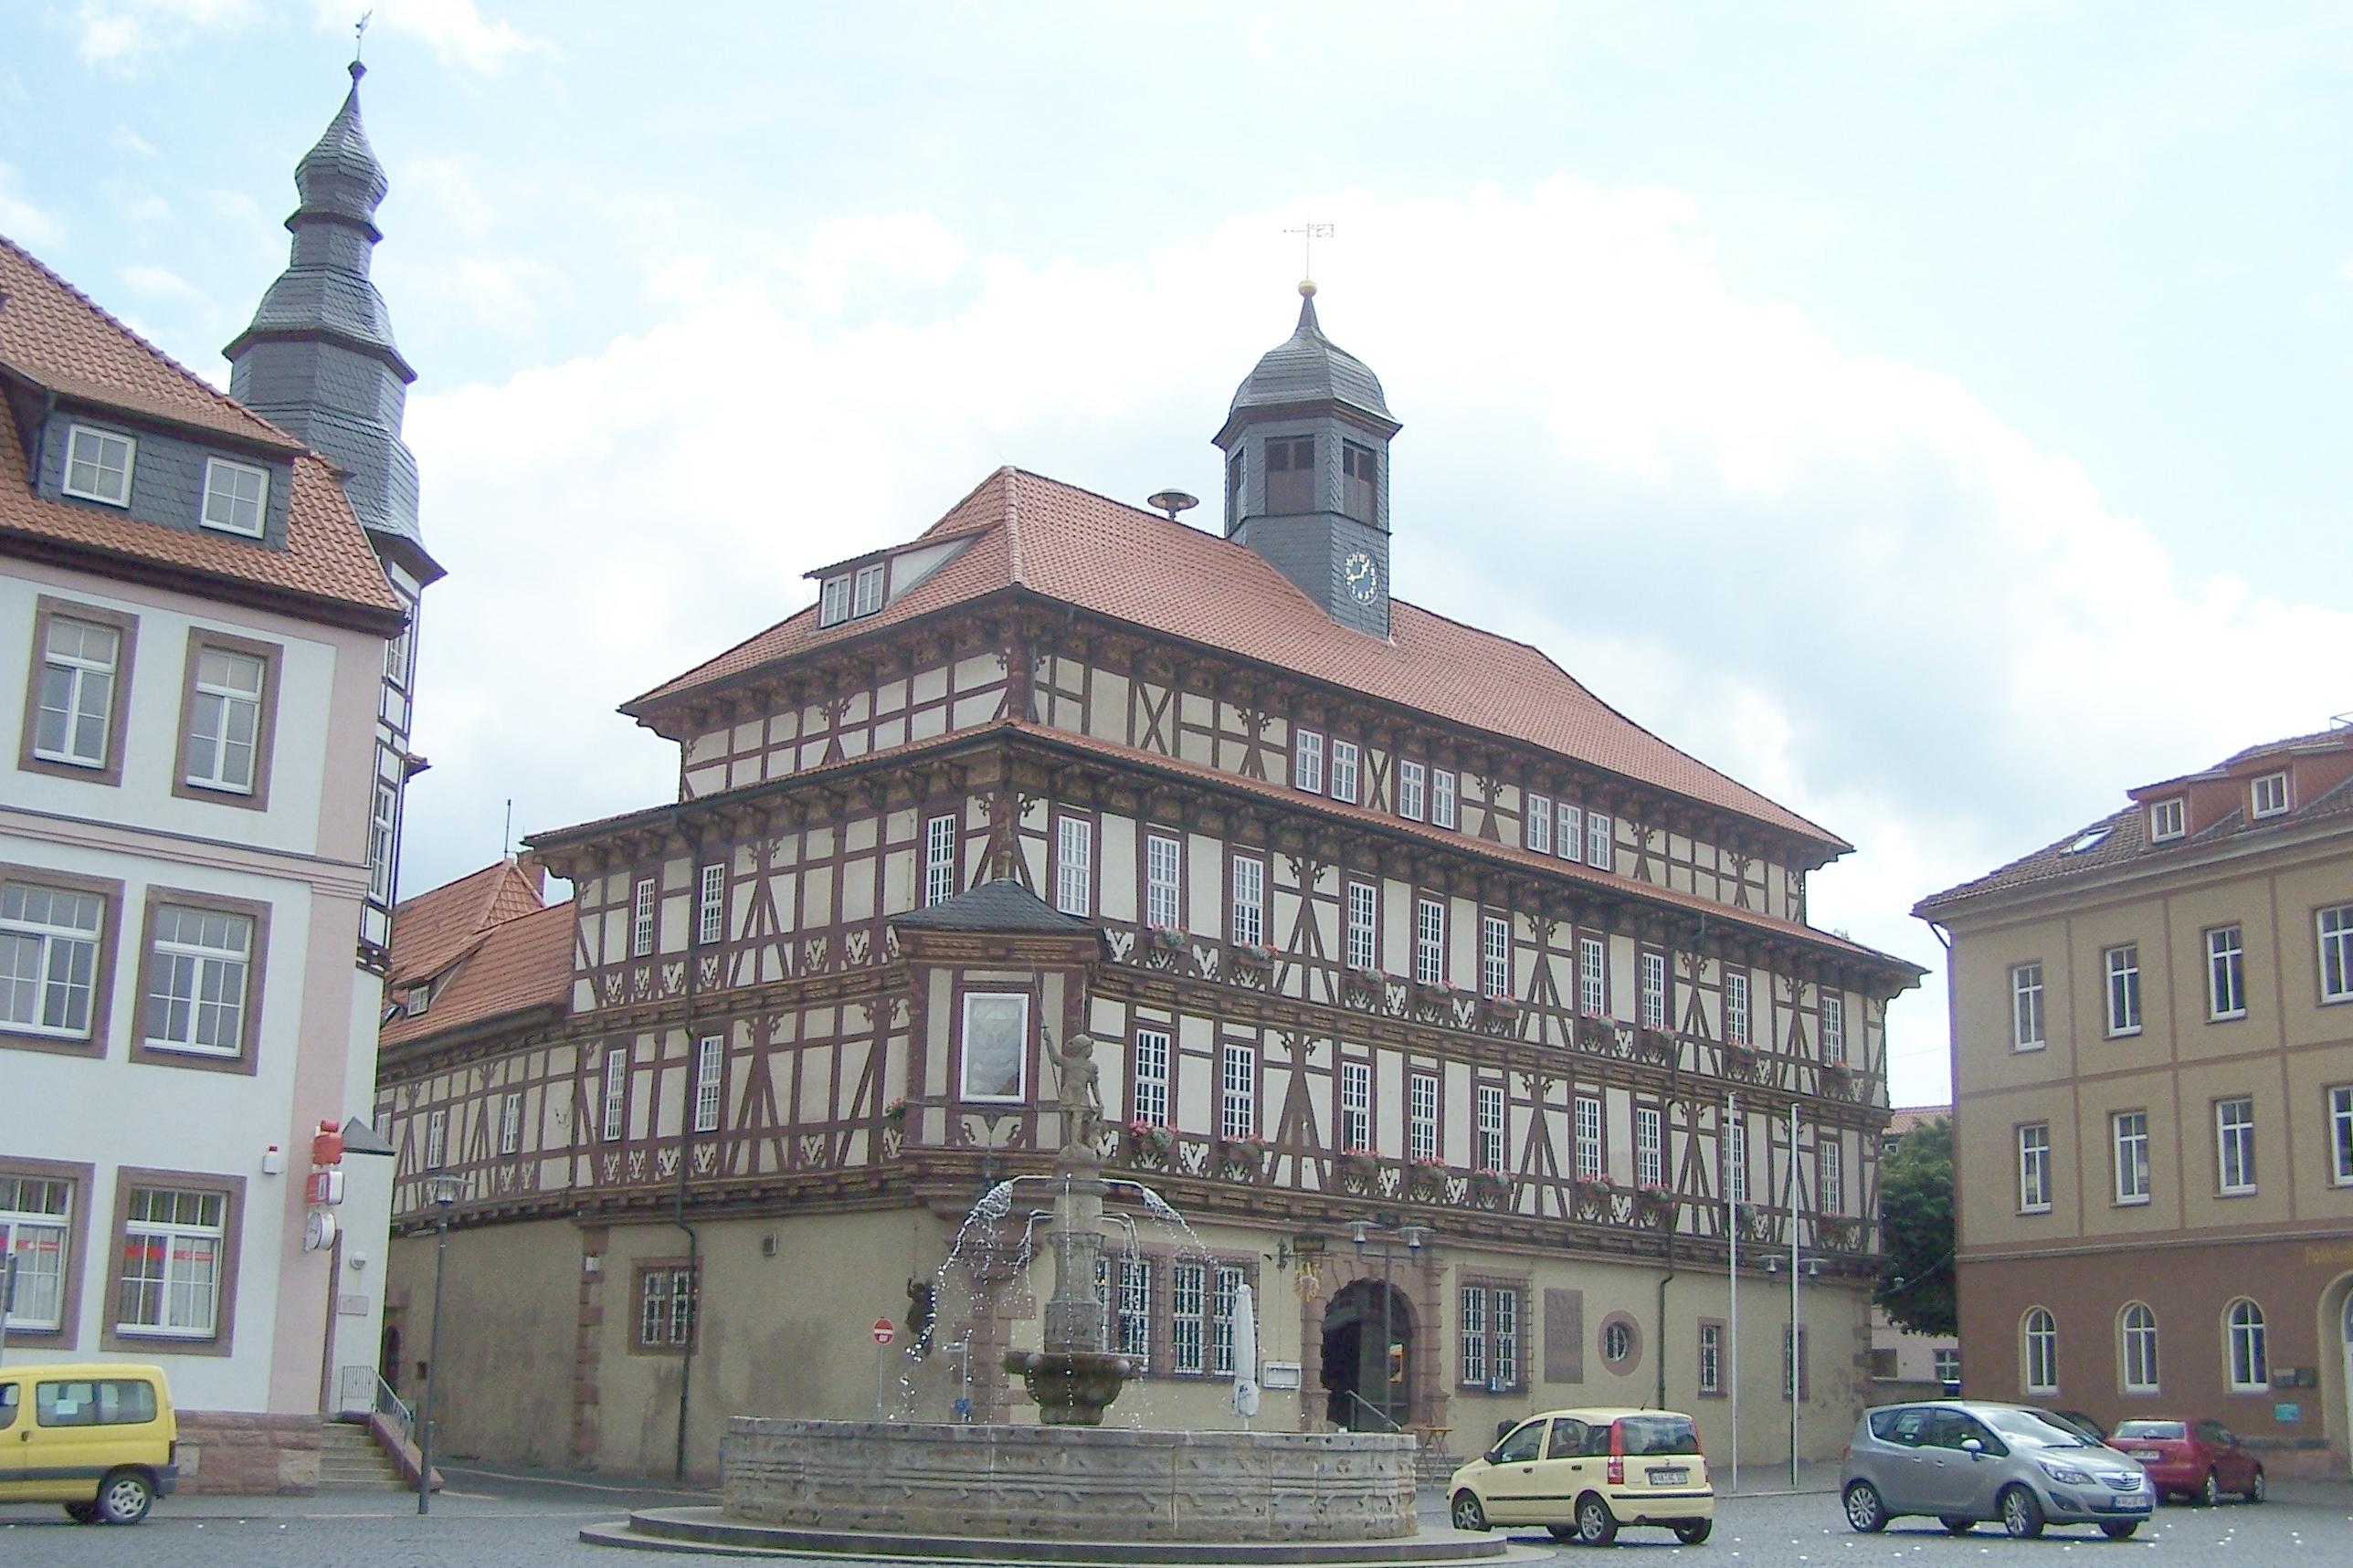 Ansichten und Details zum Haus Widemark, heute Rathaus der Stadt Vacha.